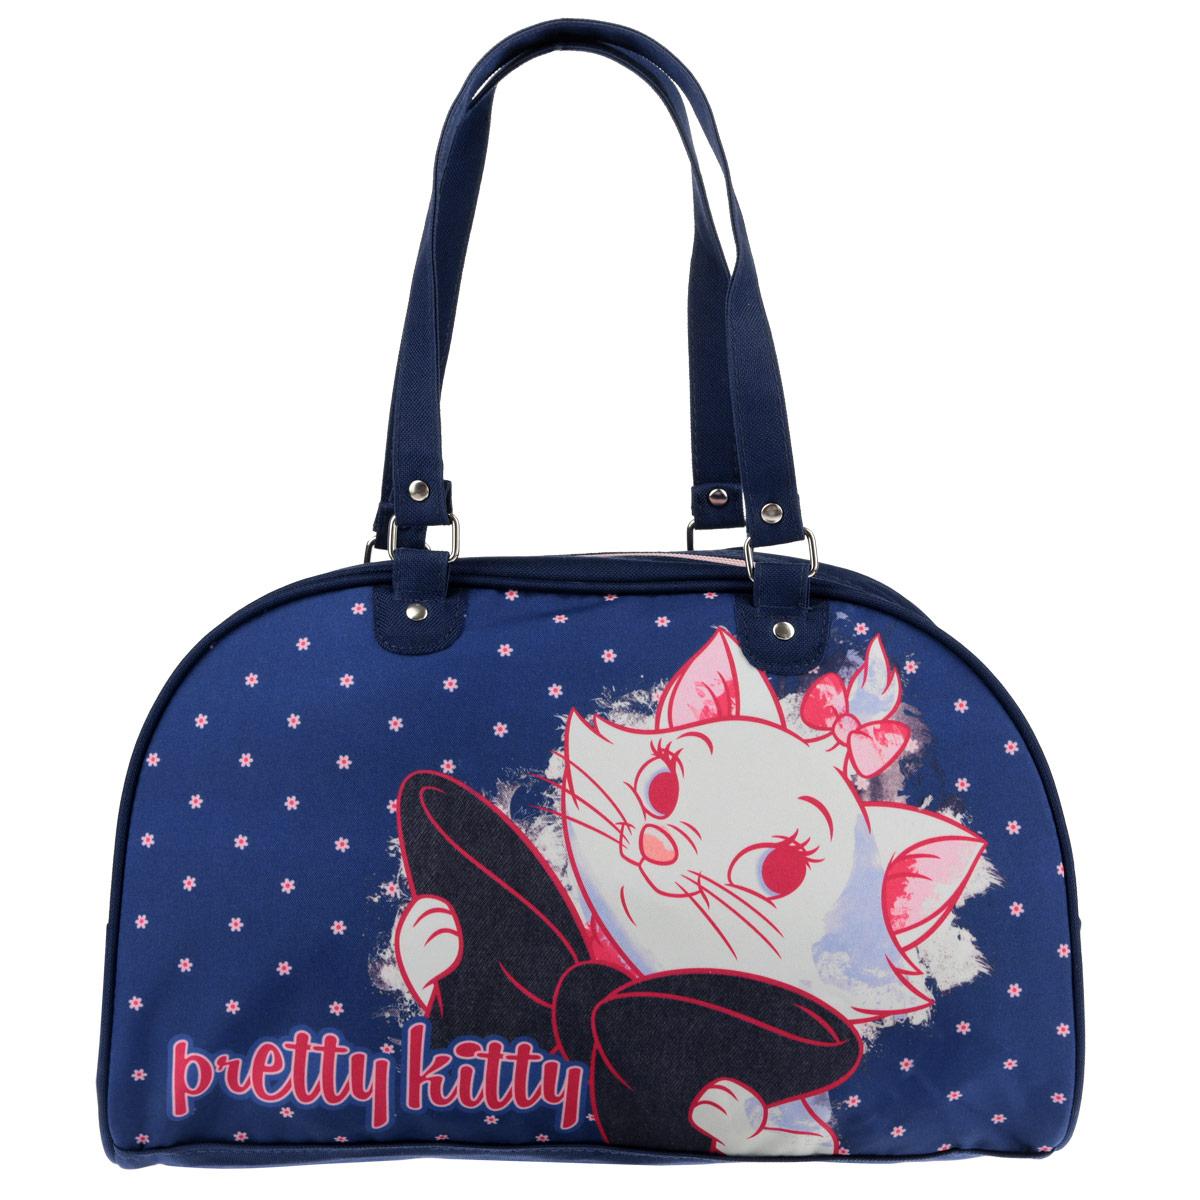 55c636c10973 Стильная сумочка Marie Cat порадует любую модницу и поклонницу мультфильма.  Сумочка имеет одно вместительное отделение, закрывающееся на молнию.